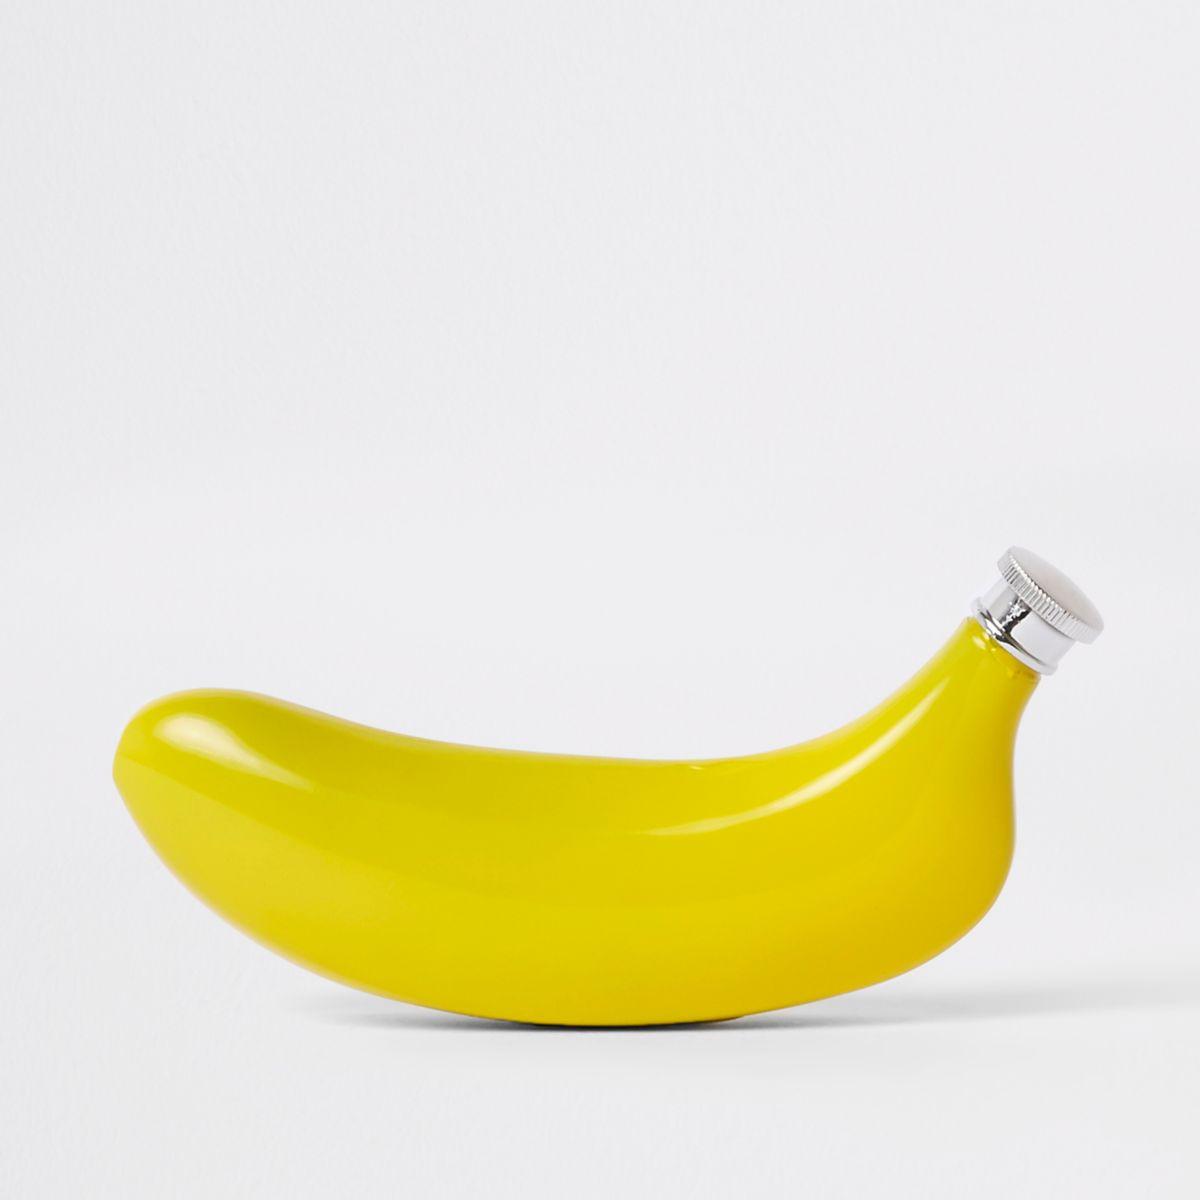 Yellow banana hip flask